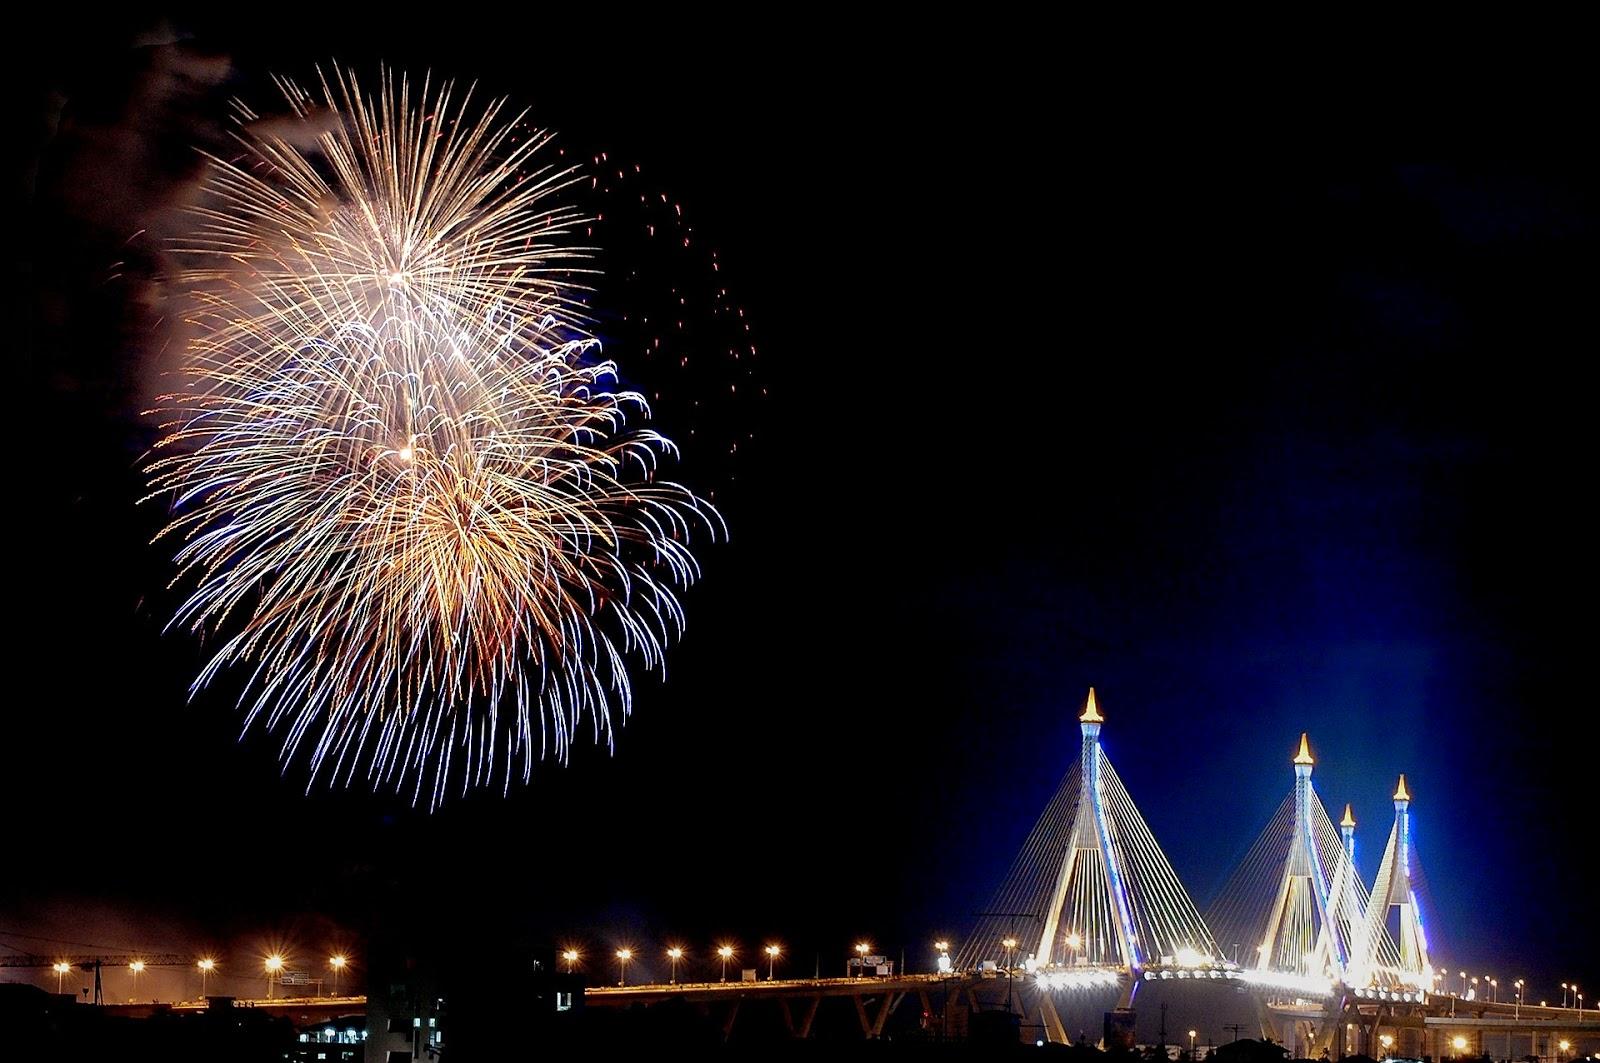 Bonne année 2015 sms à l'avance,Bonne année